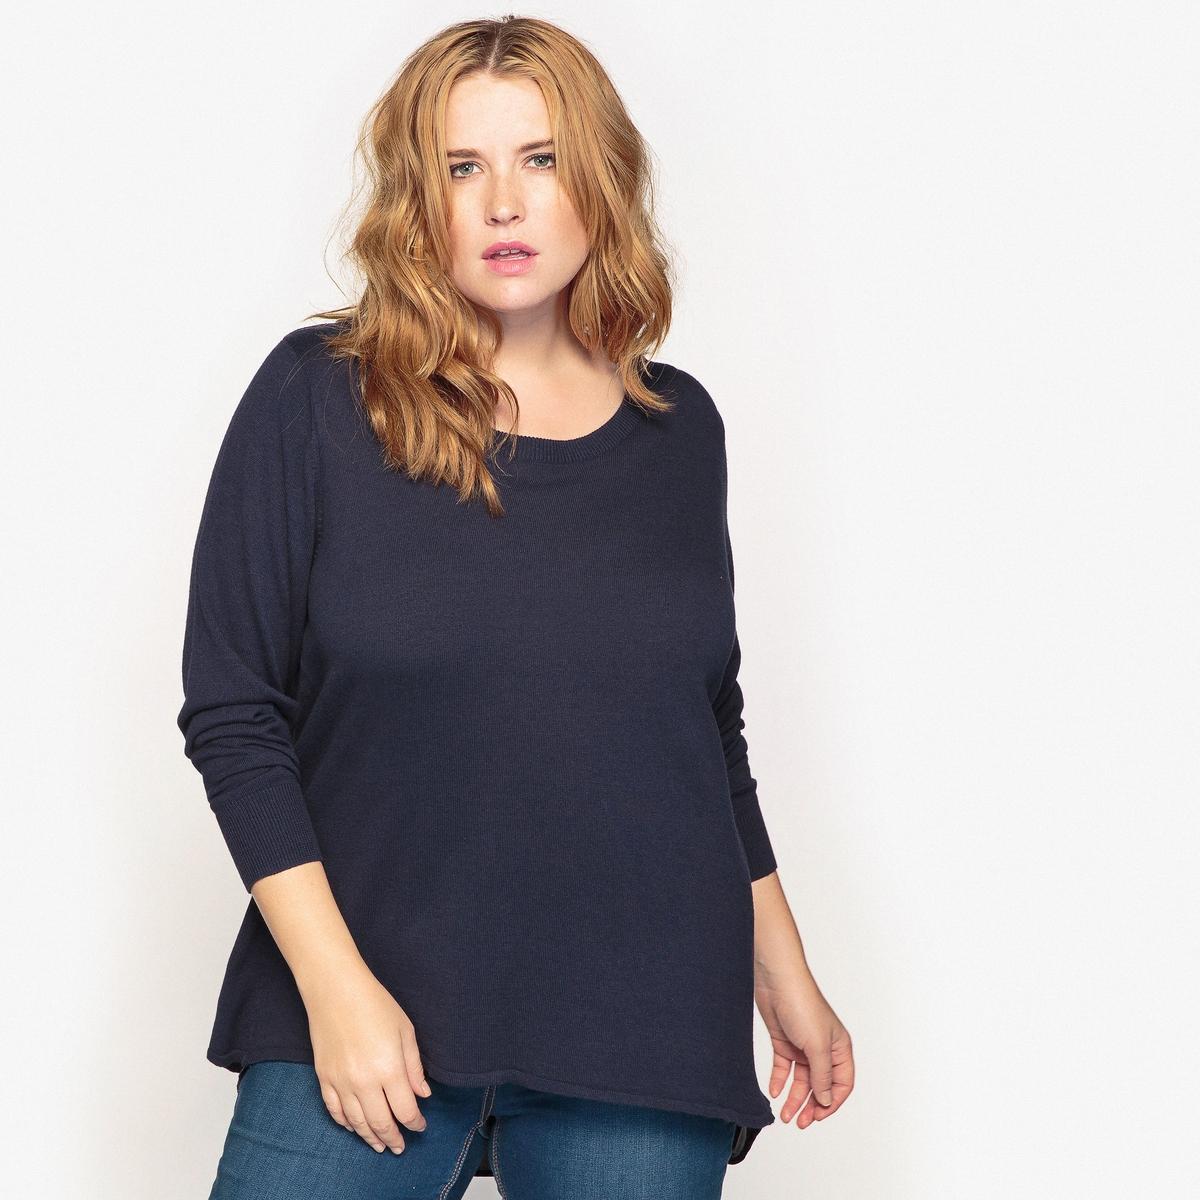 Пуловер с фантазийной  спинкойОписание:Очень изящный пуловер с круглым вырезом и оригинальной спинкой. Однотонный пуловер подойдет к образу в любом стиле. Пуловер быстро станет незаменимым в вашем гардеробе.Детали •  Длинные рукава •  Круглый вырез •  Тонкий трикотажСостав и уход •  60% вискозы, 40% хлопка •  Температура стирки 40° на деликатном режиме   •  Сухая чистка и отбеливание запрещены    •  Не использовать барабанную сушку   •  Низкая температура глажки  Товар из коллекции больших размеров<br><br>Цвет: синий морской,черный<br>Размер: 46/48 (FR) - 52/54 (RUS).50/52 (FR) - 56/58 (RUS)